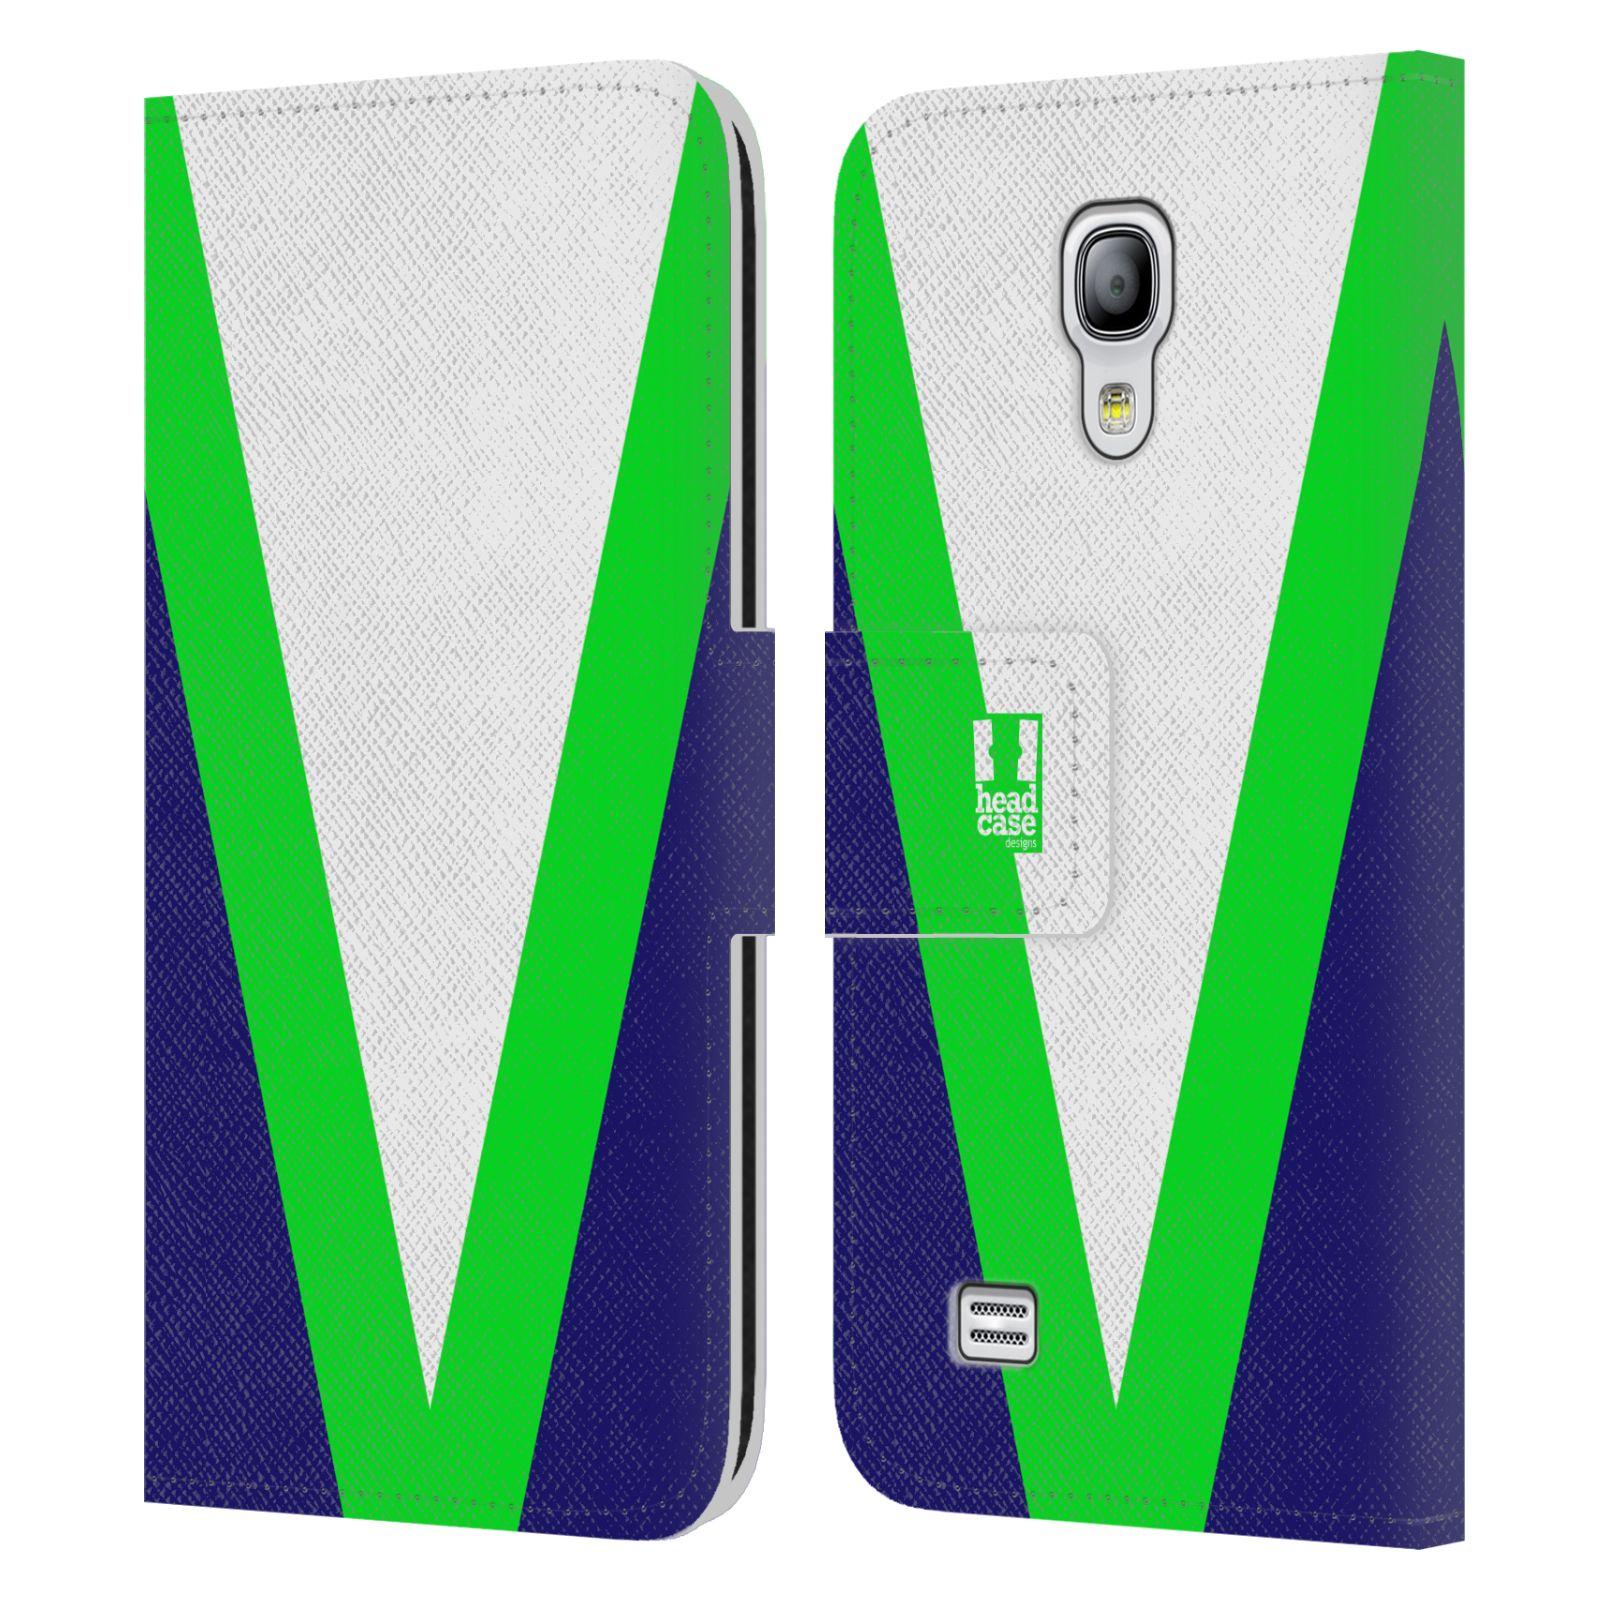 HEAD CASE Flipové pouzdro pro mobil Samsung Galaxy S4 MINI barevné tvary zelená a modrá